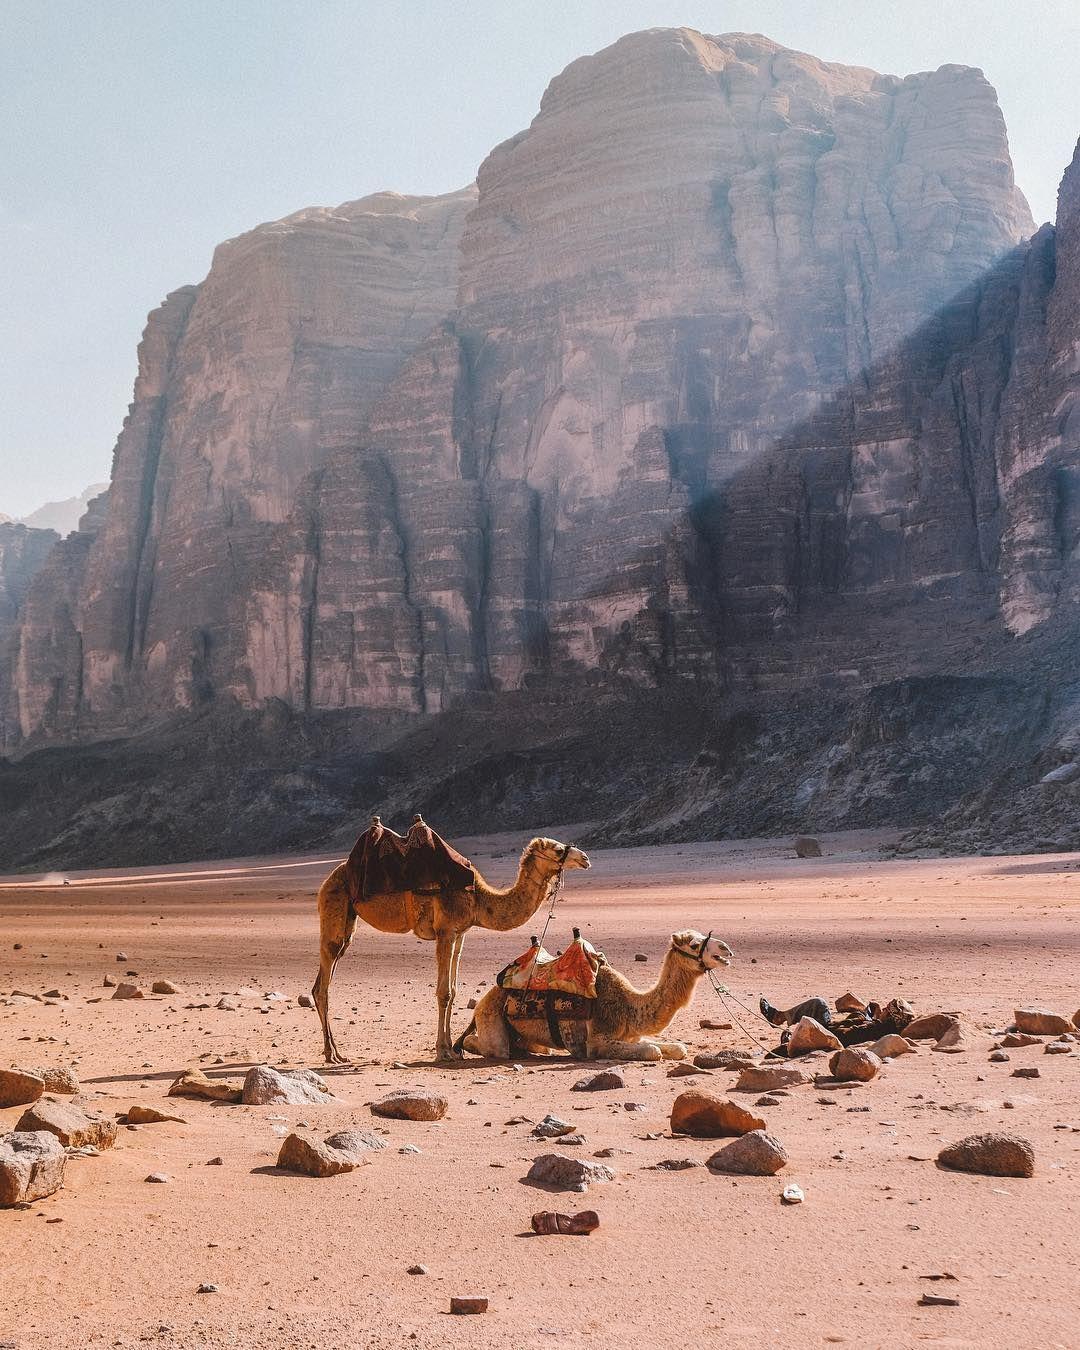 Wadi Rum Desert, Jordan #wadirum